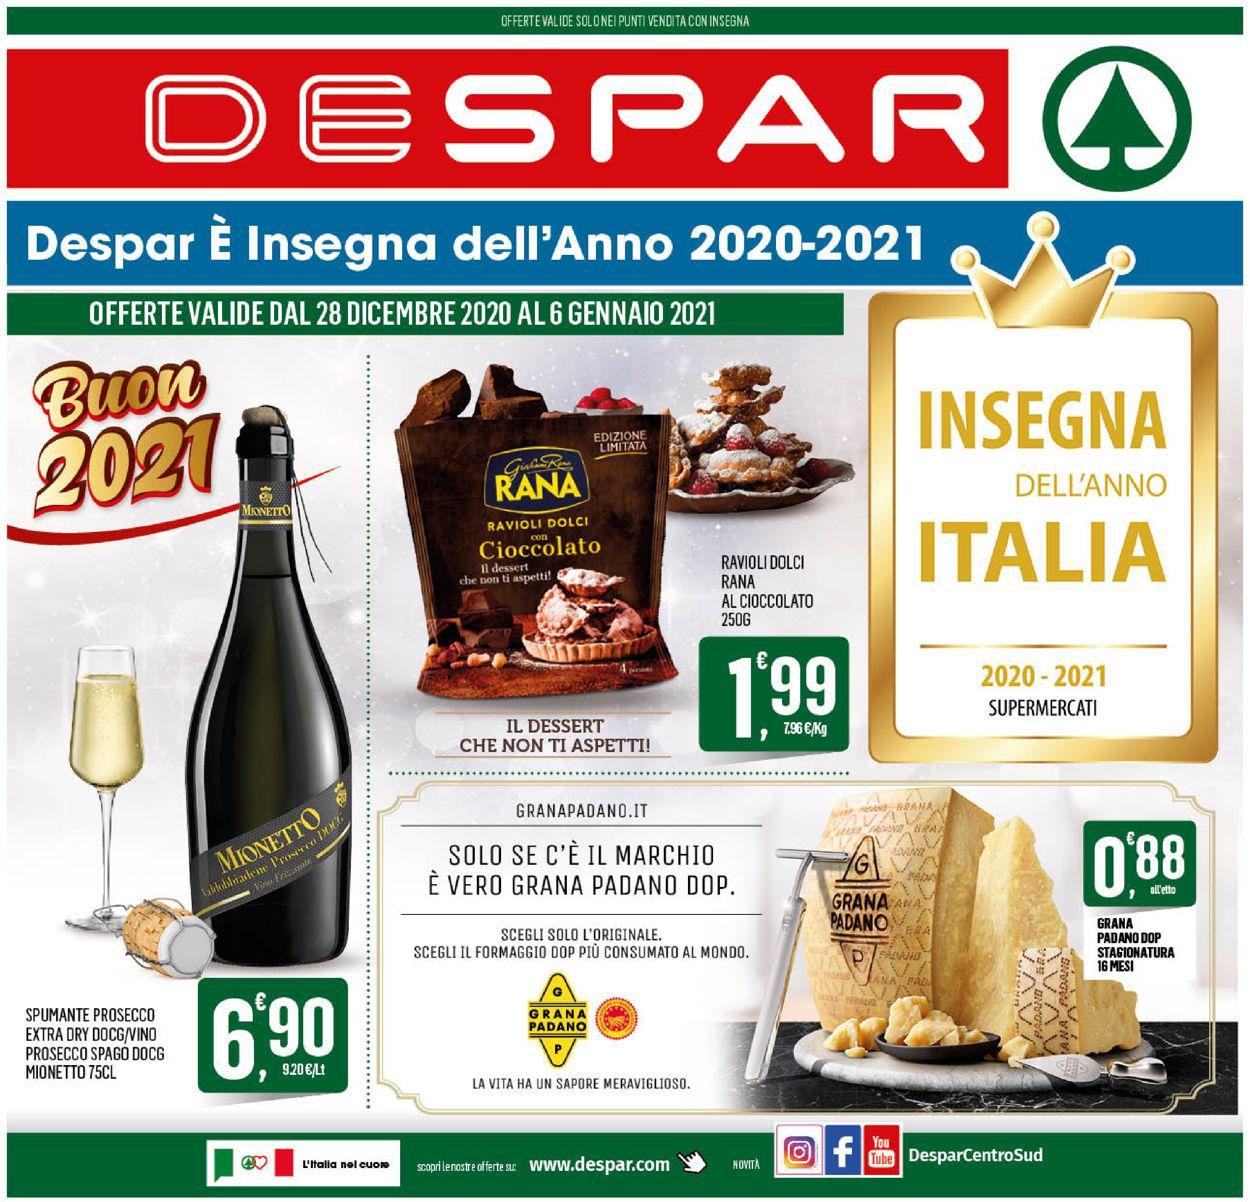 Volantino Despar -  Capodanno 2021 - Offerte 28/12-06/01/2021